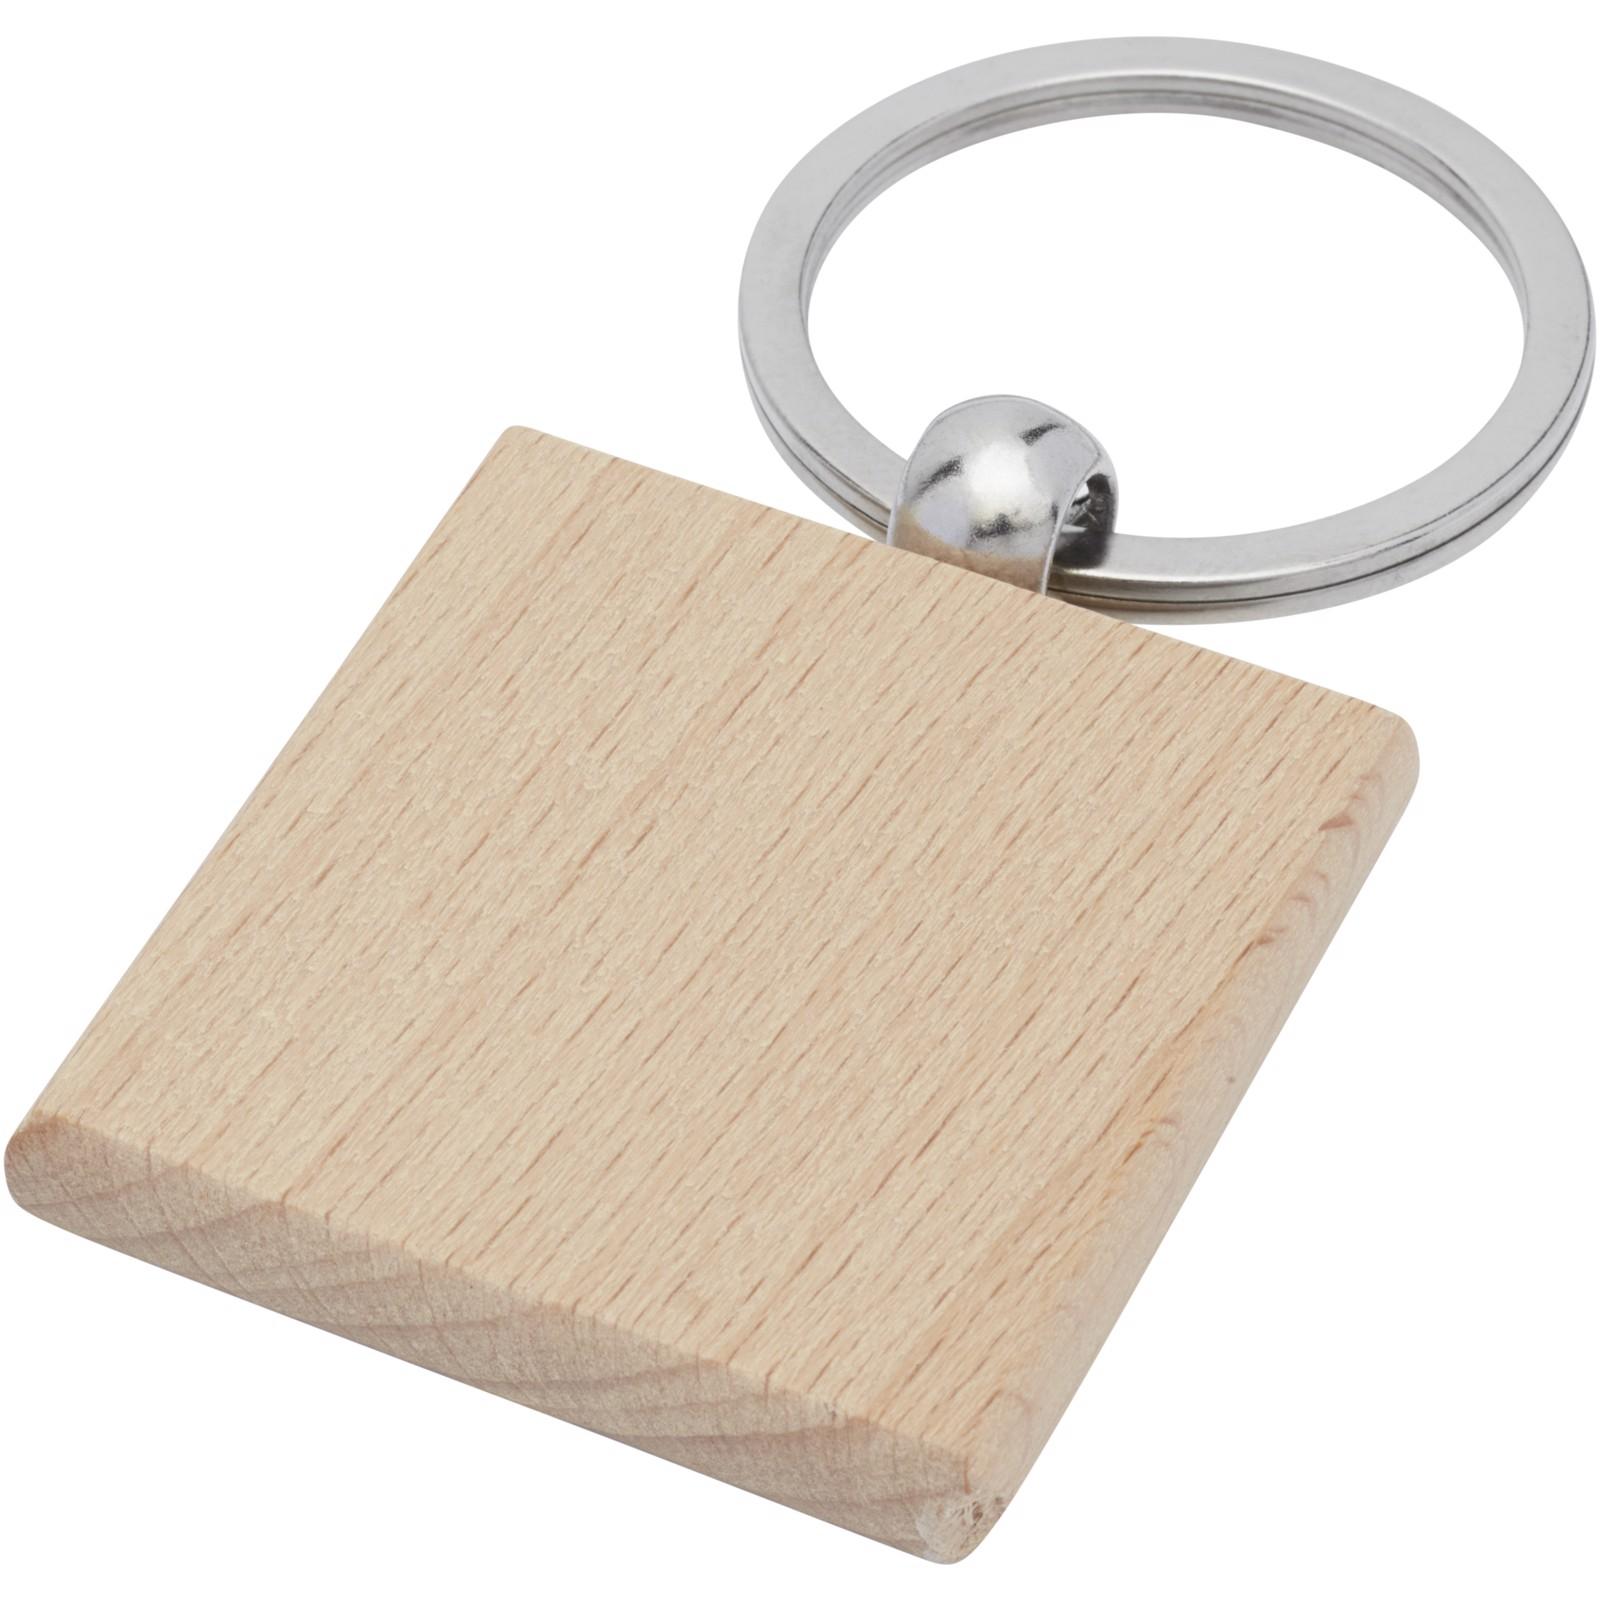 Gioia čtvercová klíčenka z bukového dřeva